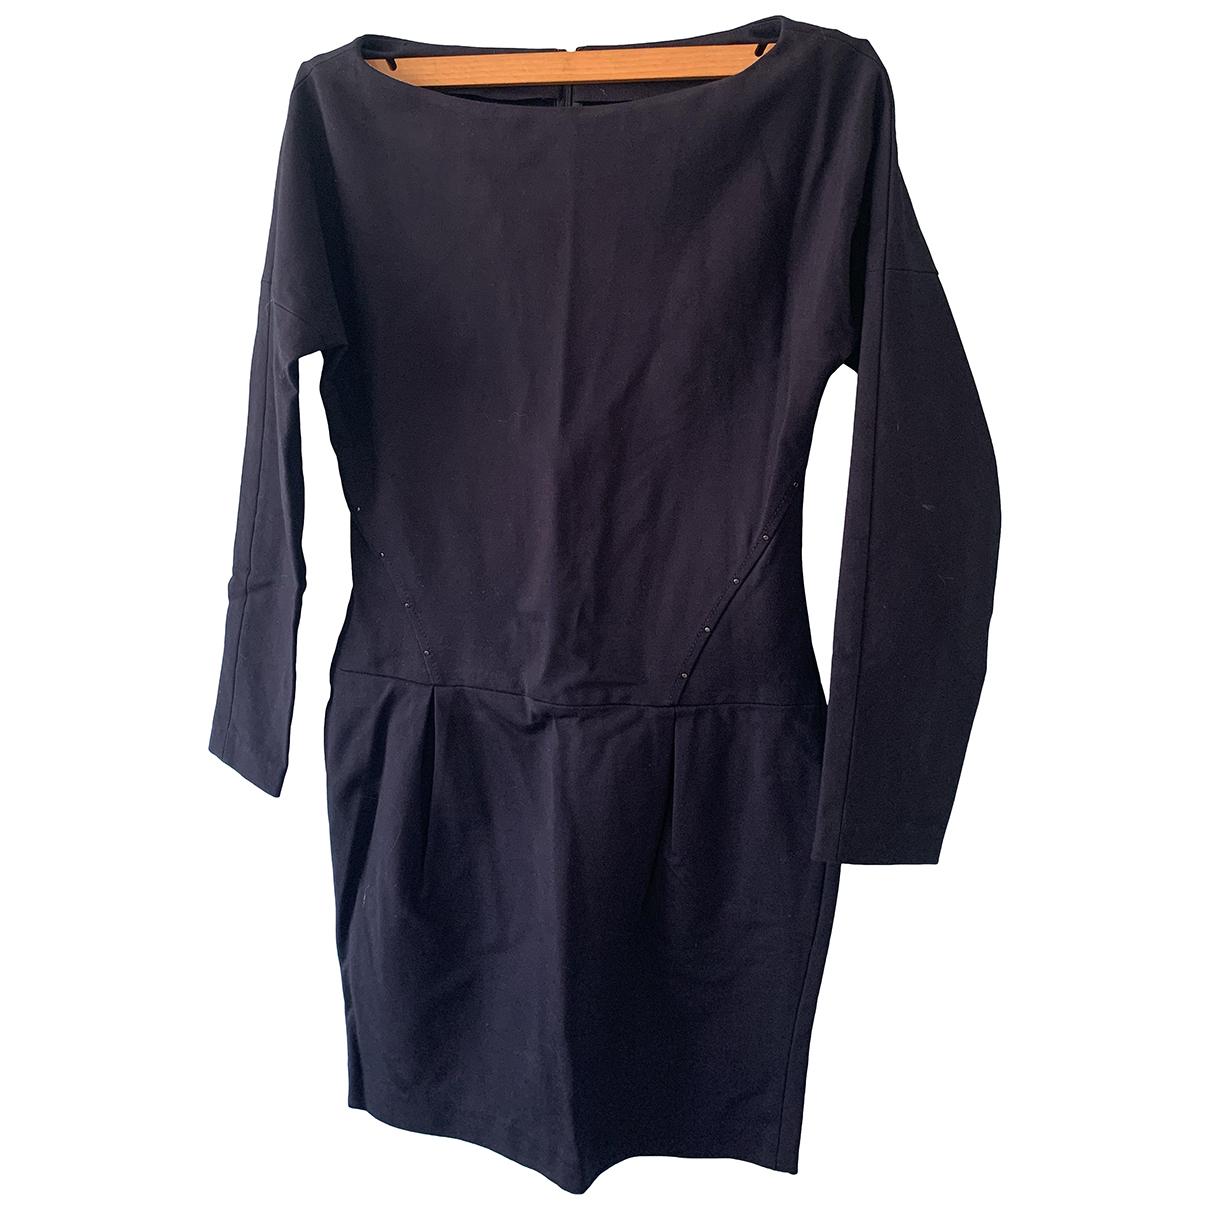 Stefanel \N Blue dress for Women 38 FR